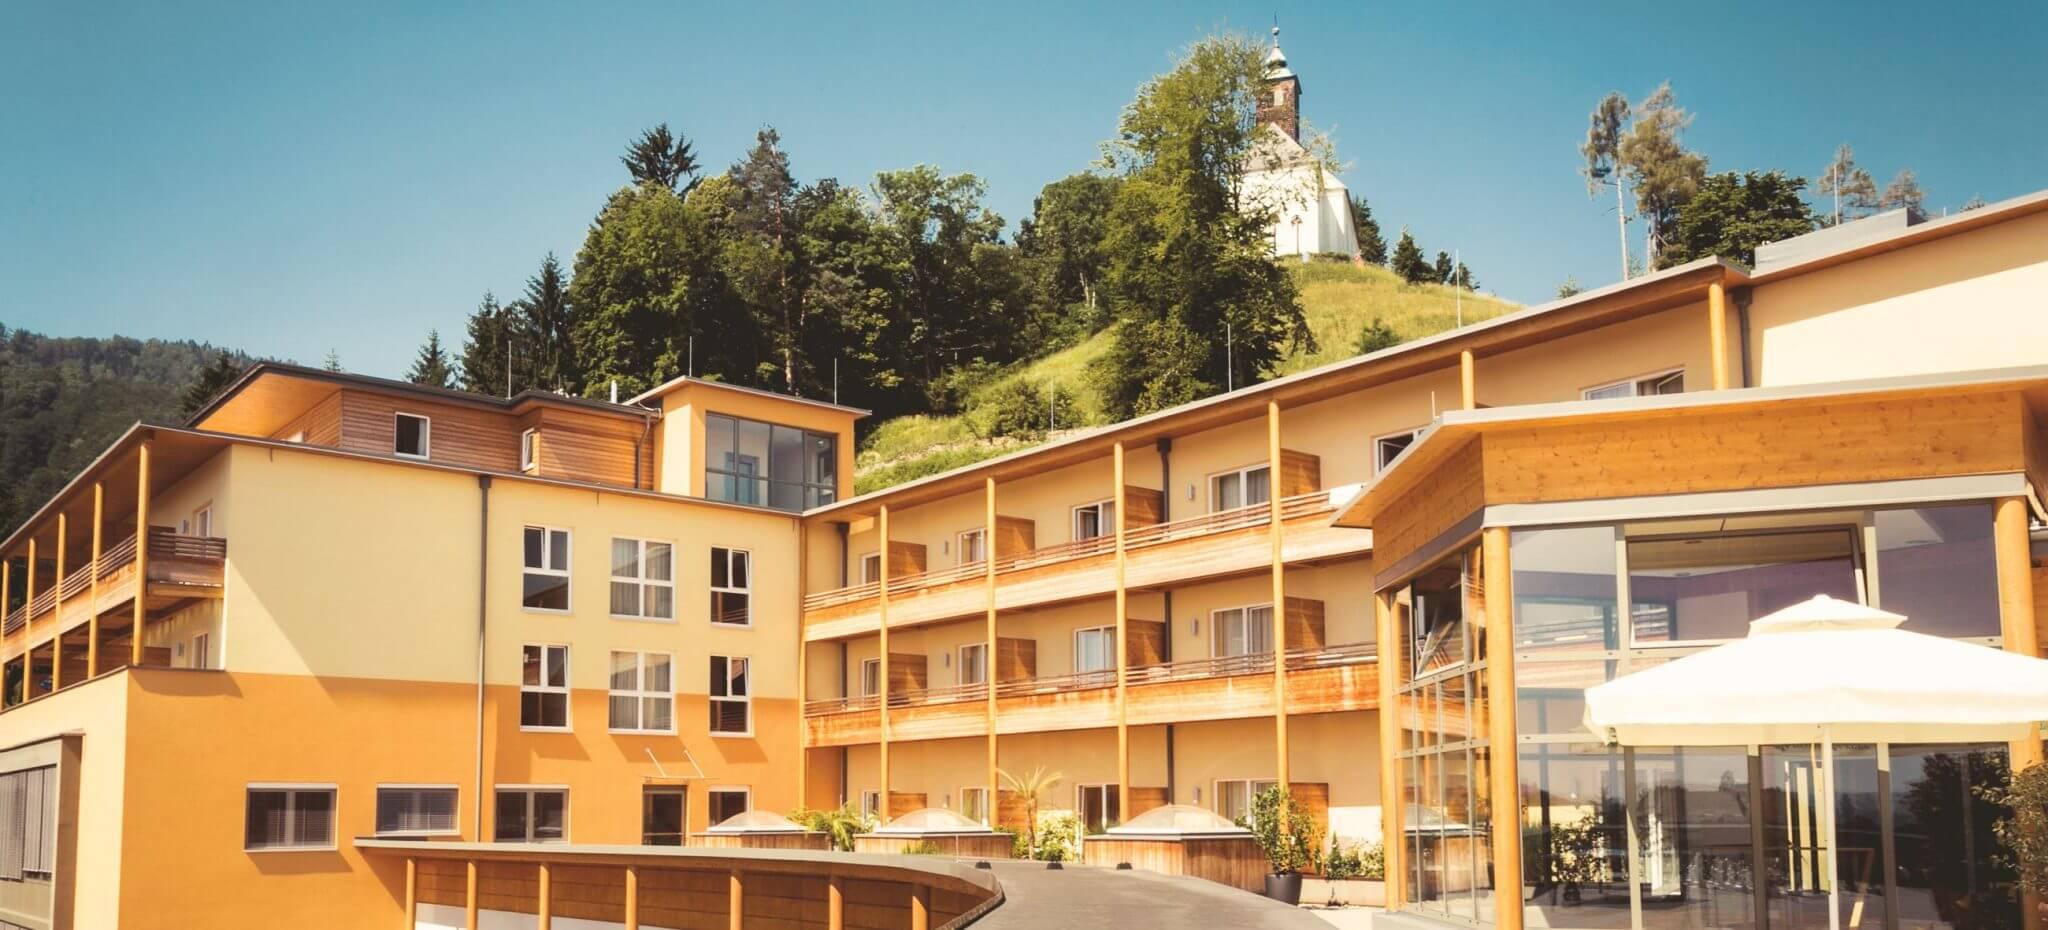 Hausansicht des Kur- und Gesundheitshotels Heilmoorbad Schwanberg